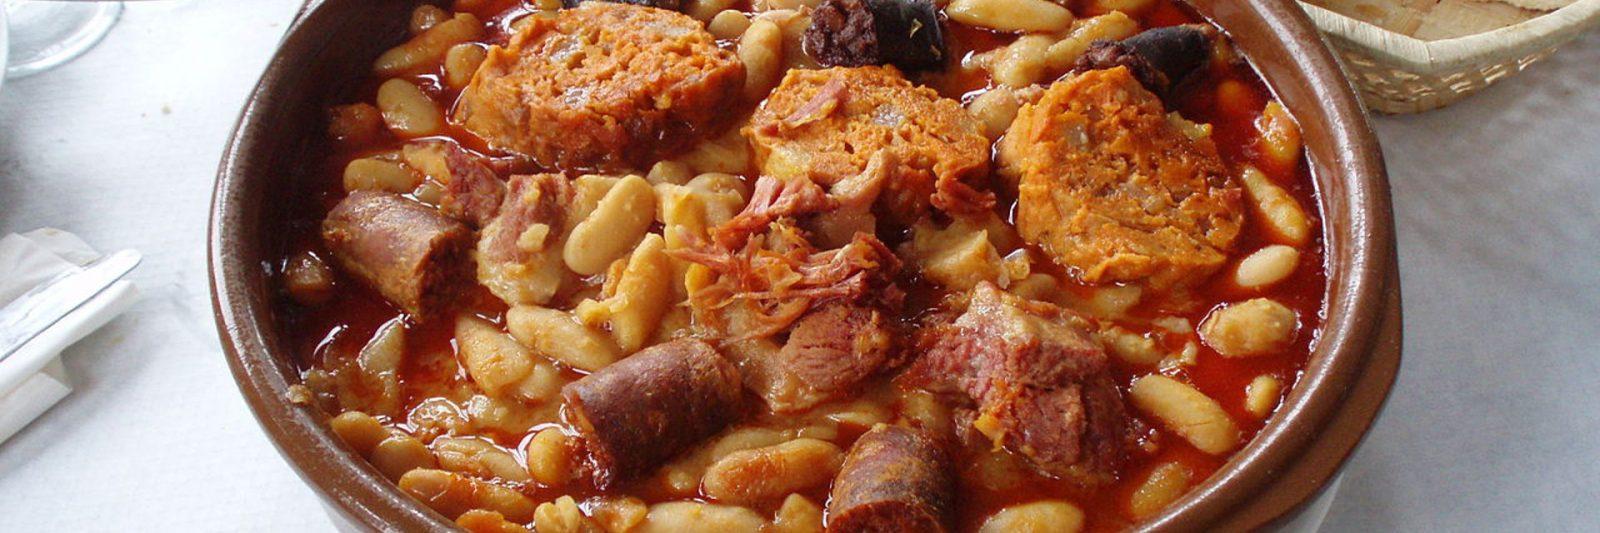 la-tipica-y-rica-gastronomia-asturiana-1920